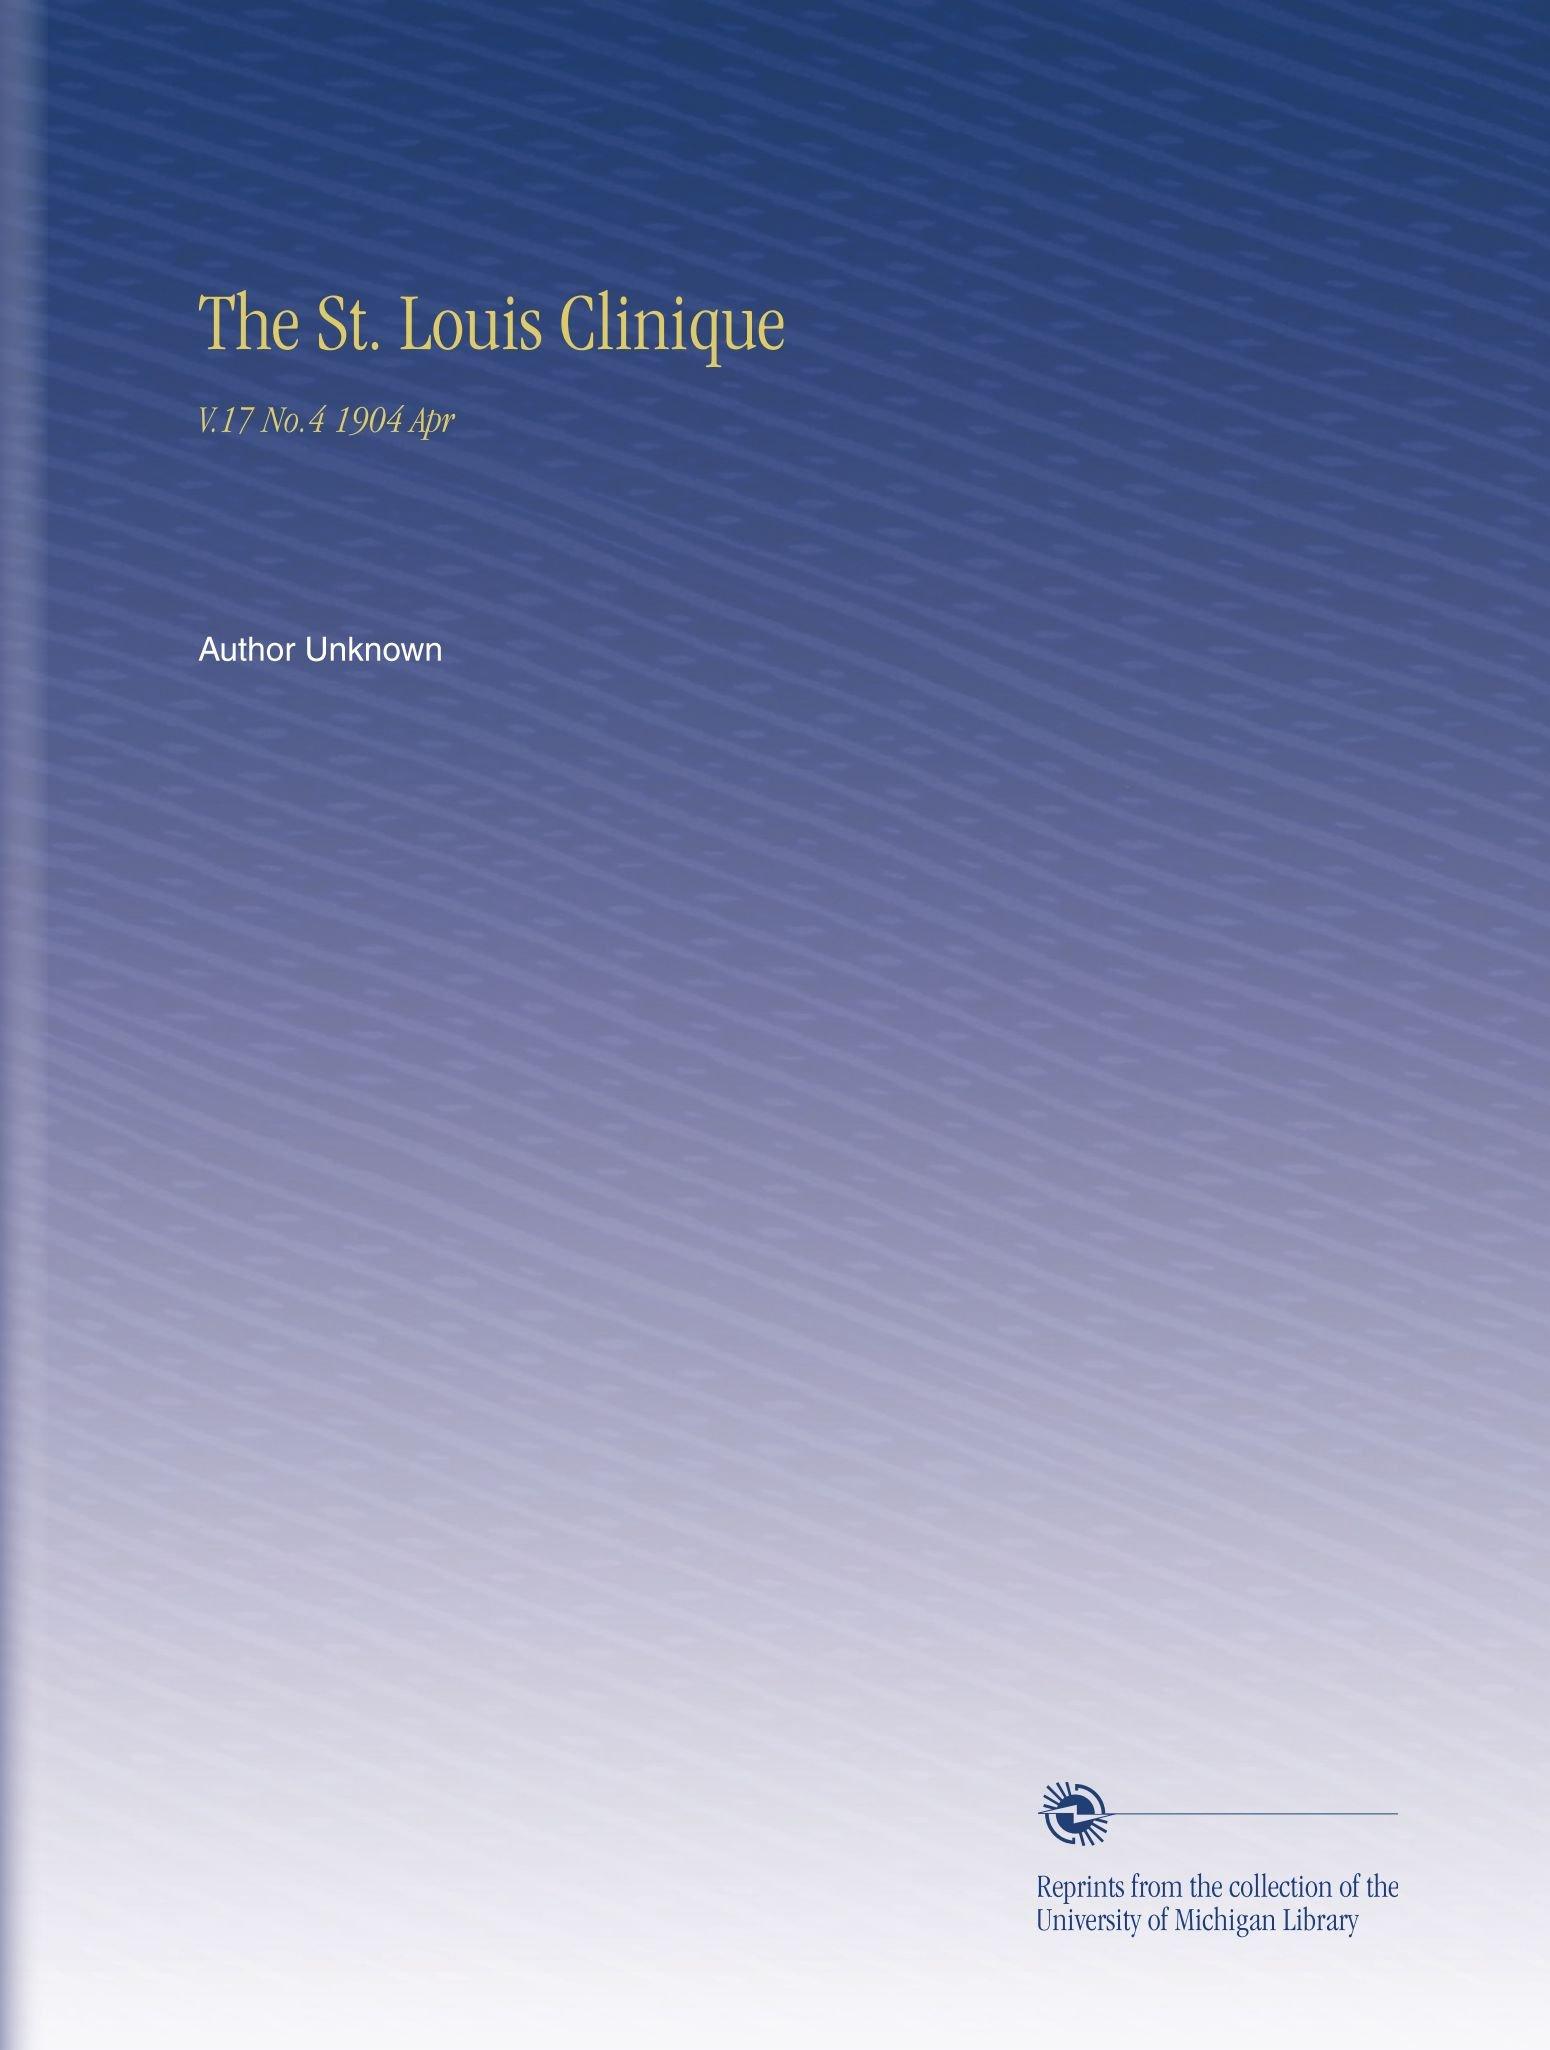 Download The St. Louis Clinique: V.17 No.4 1904 Apr PDF